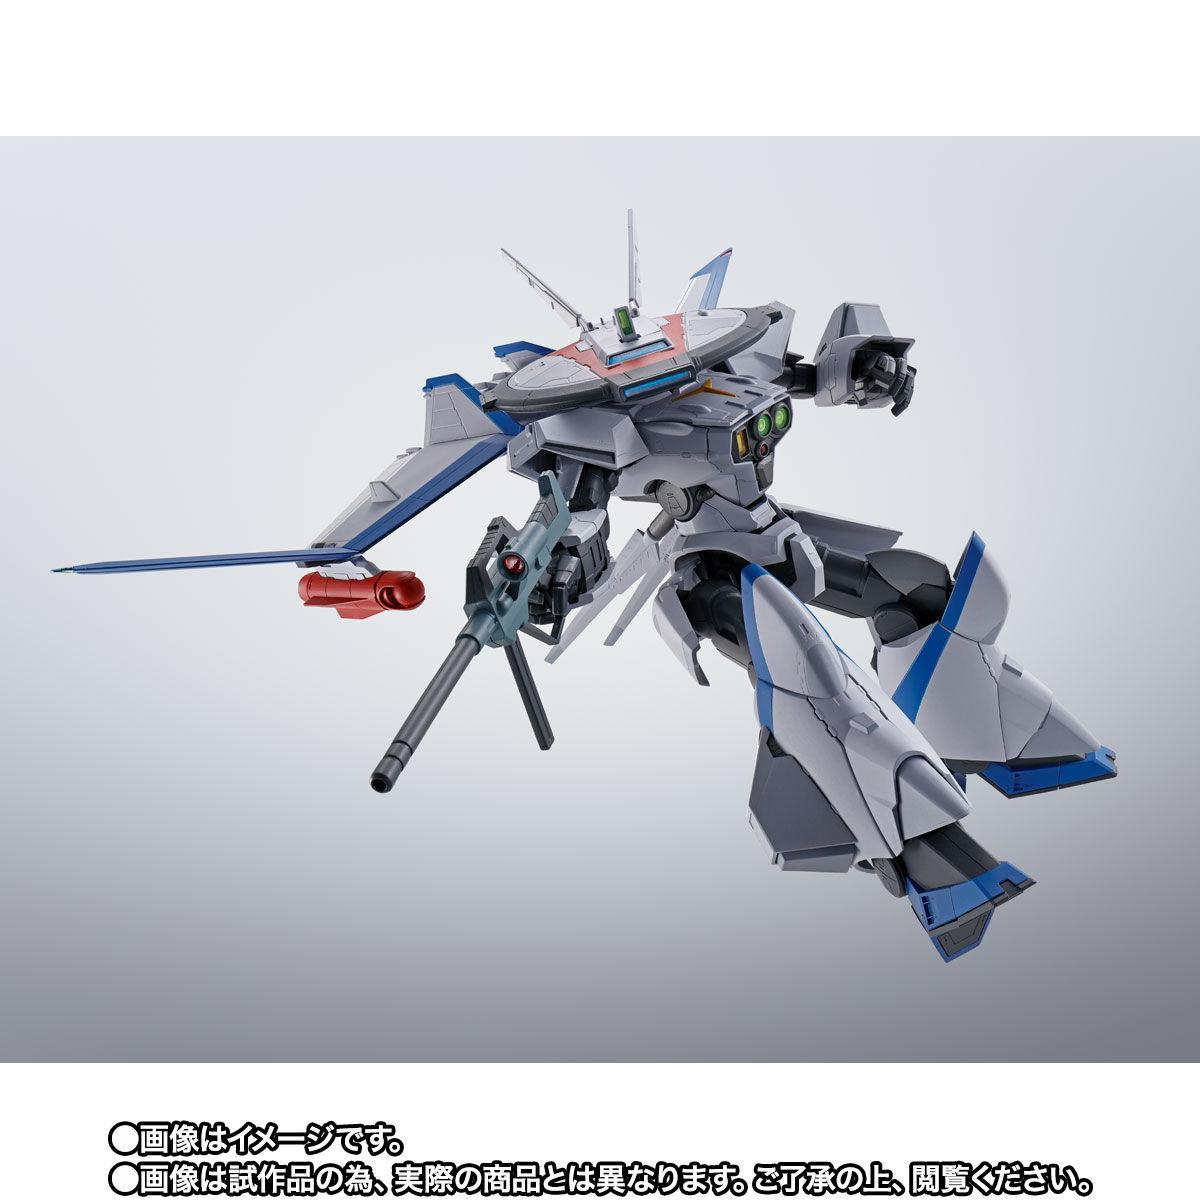 【限定販売】HI-METAL R『ドラグナー3』機甲戦記ドラグナー 可動フィギュア-003